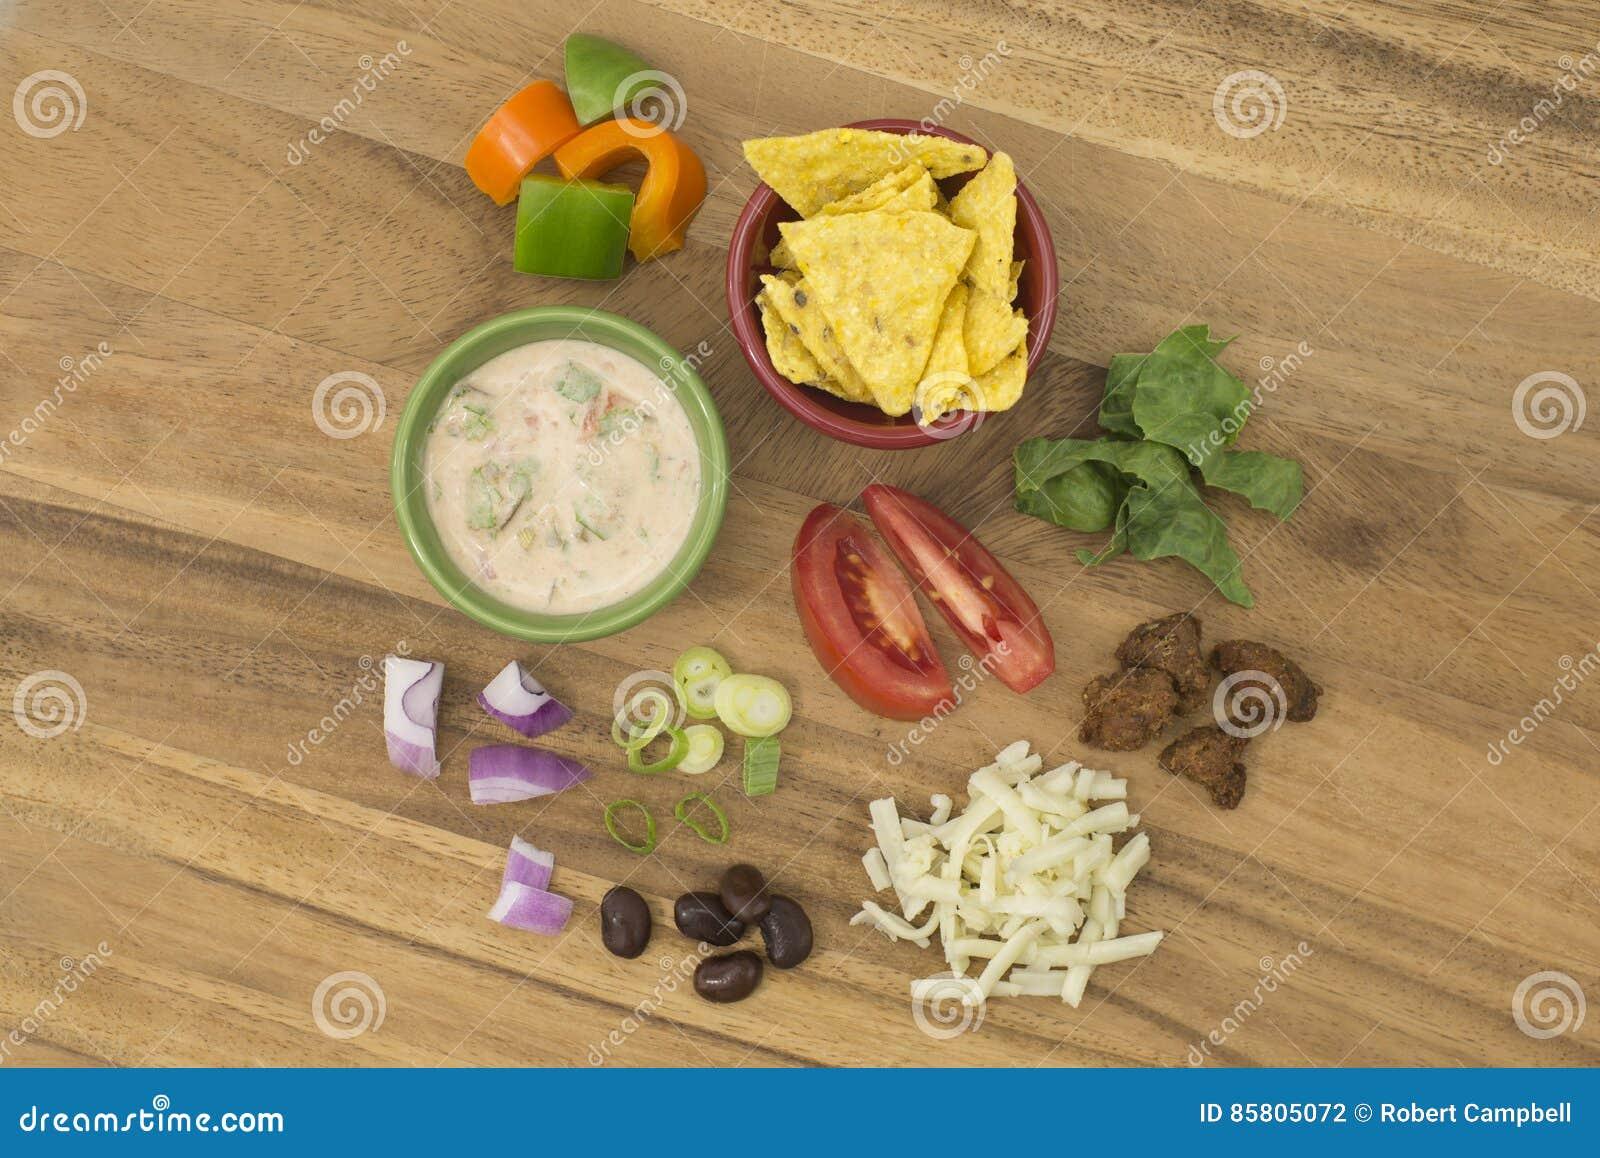 Tacosalade met Salsa-het Kleden zich ingrediënten